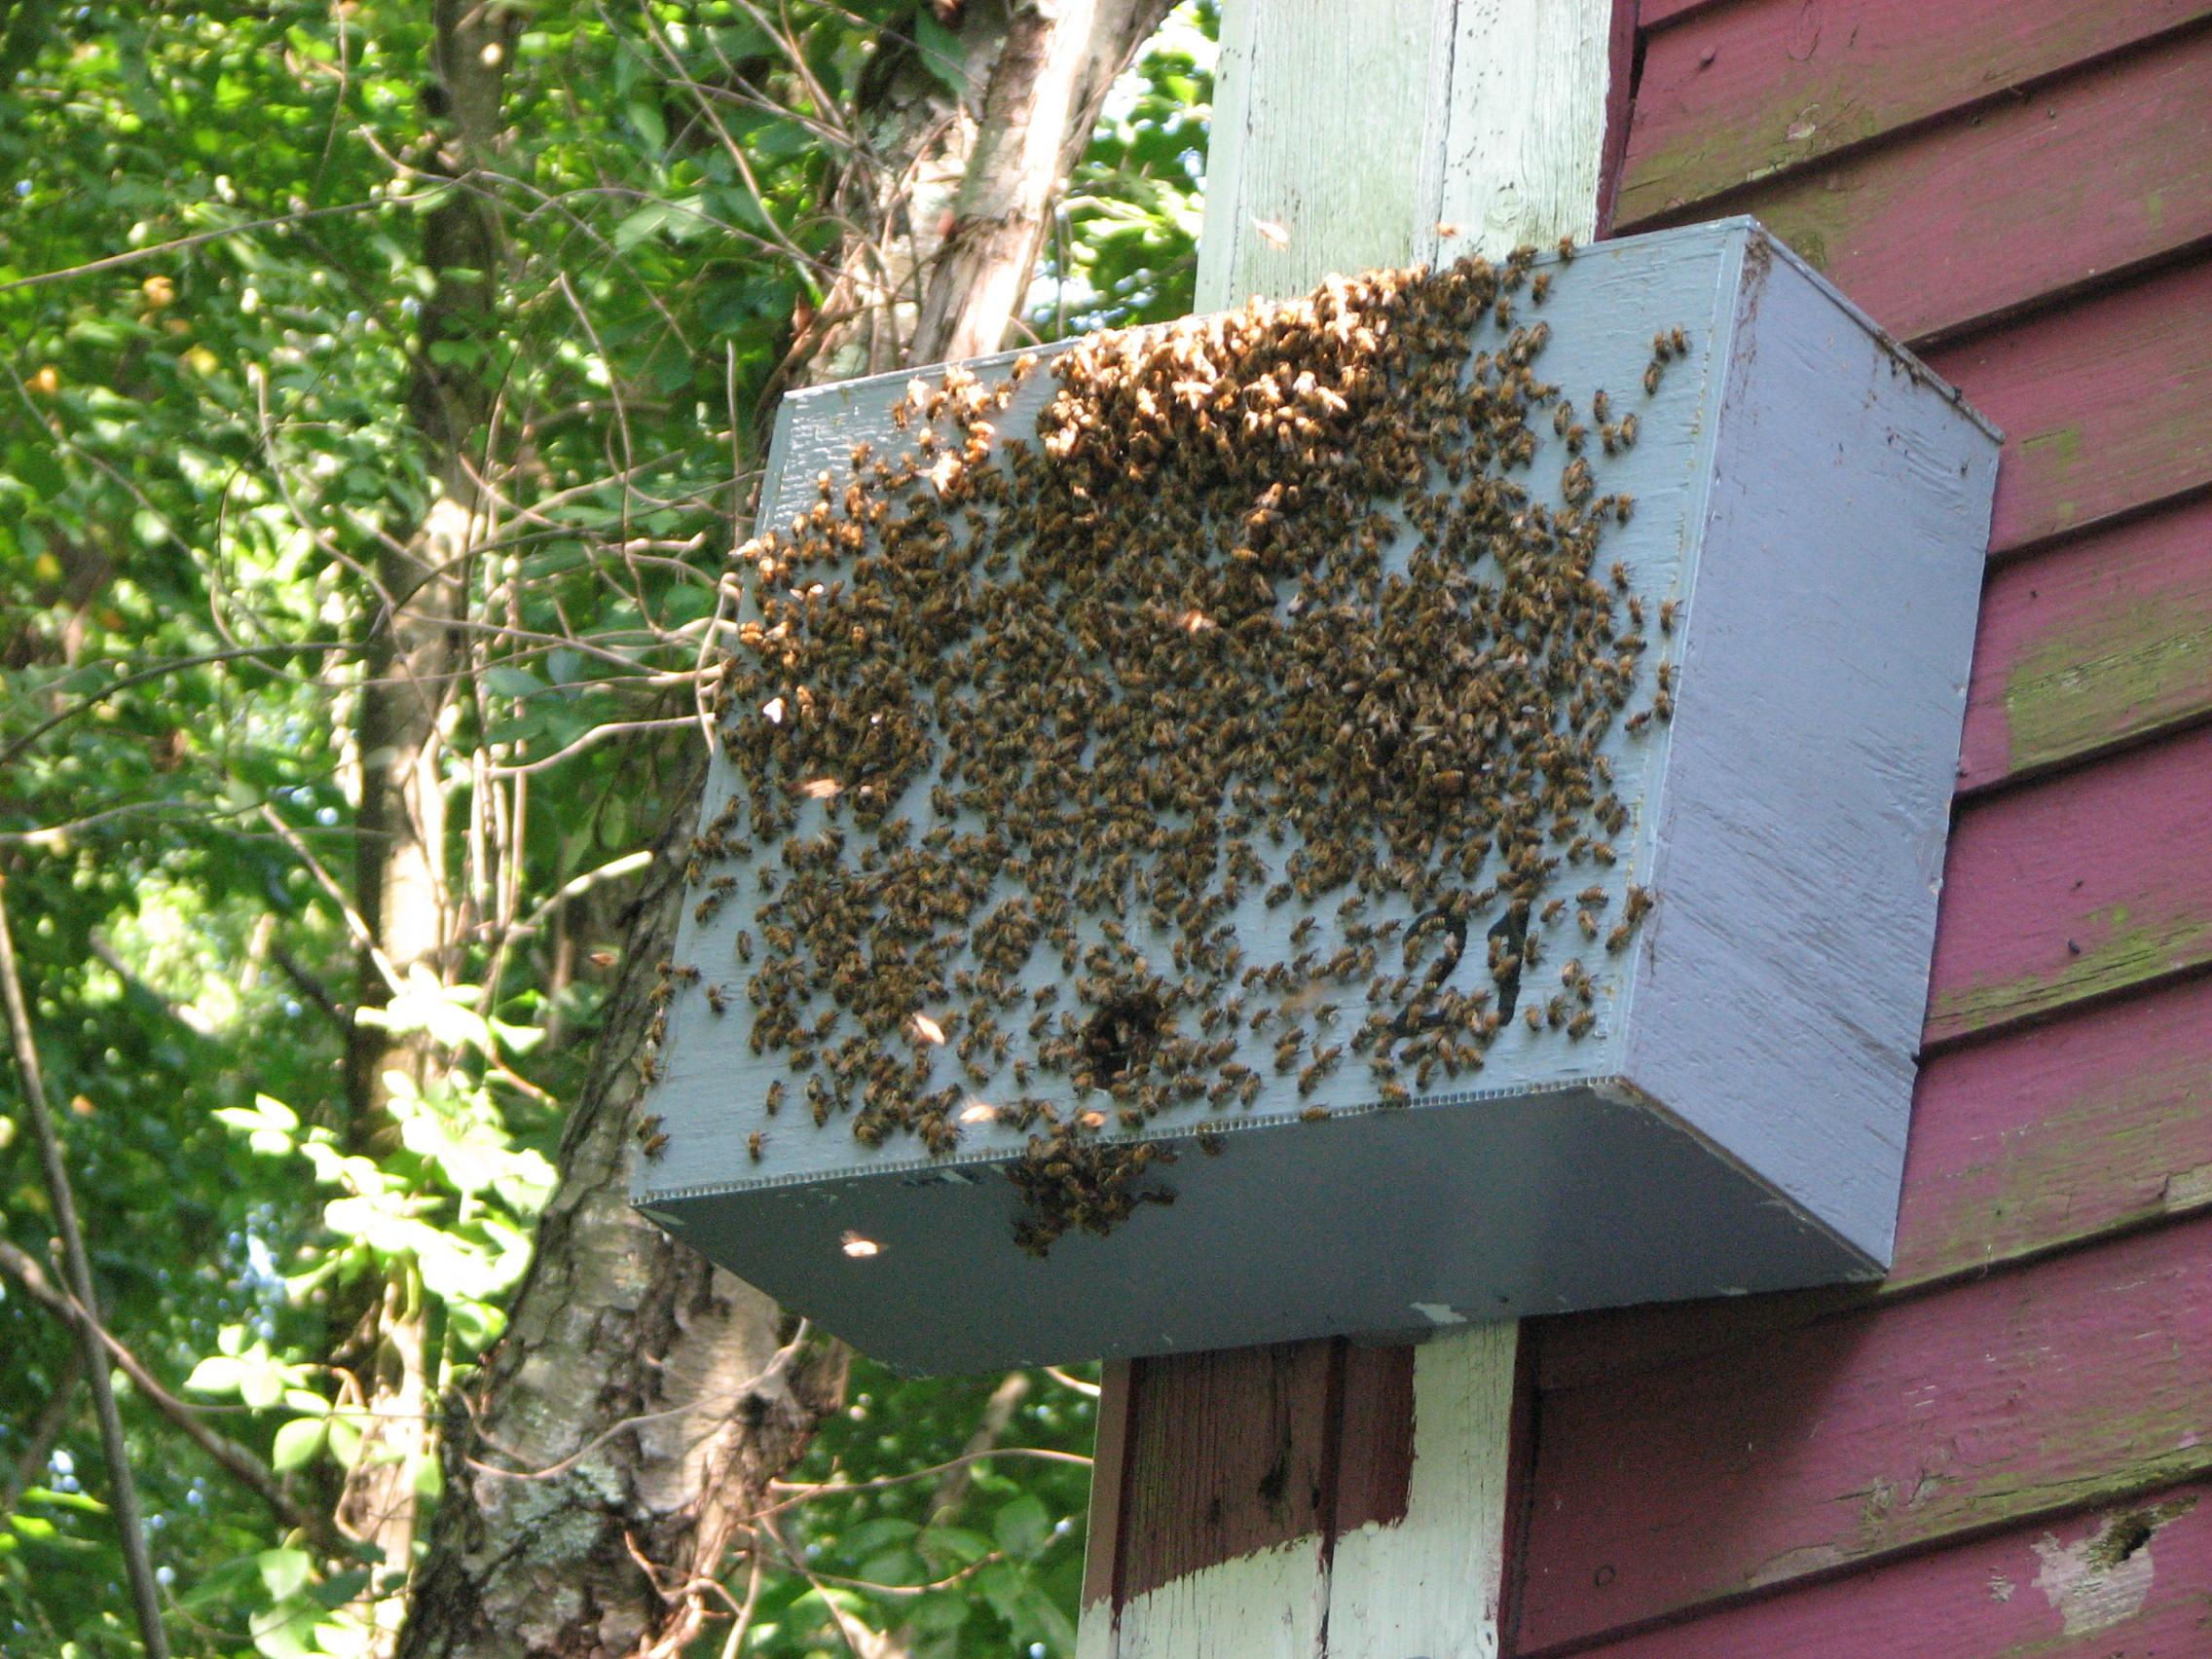 Tubetrap Swarm Trap 5